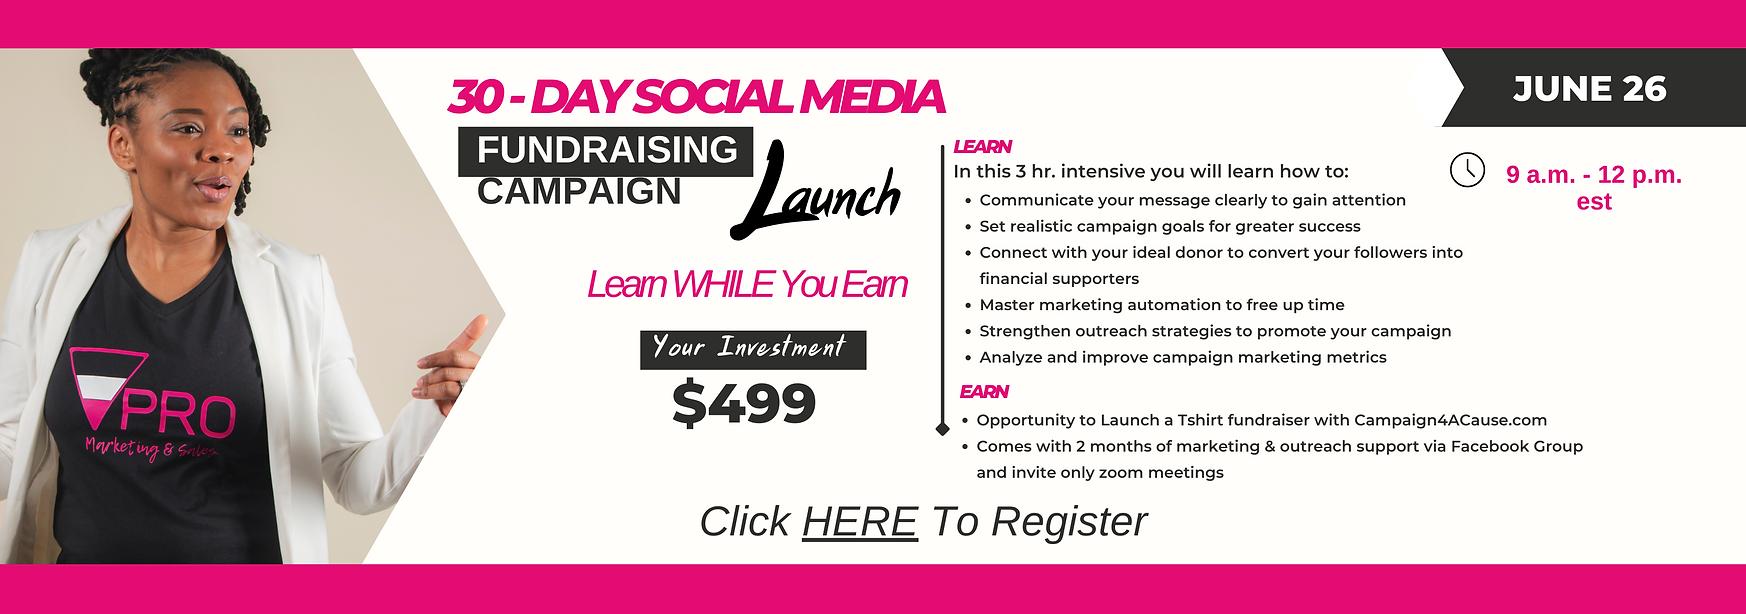 Social Media Fundraising Campaign